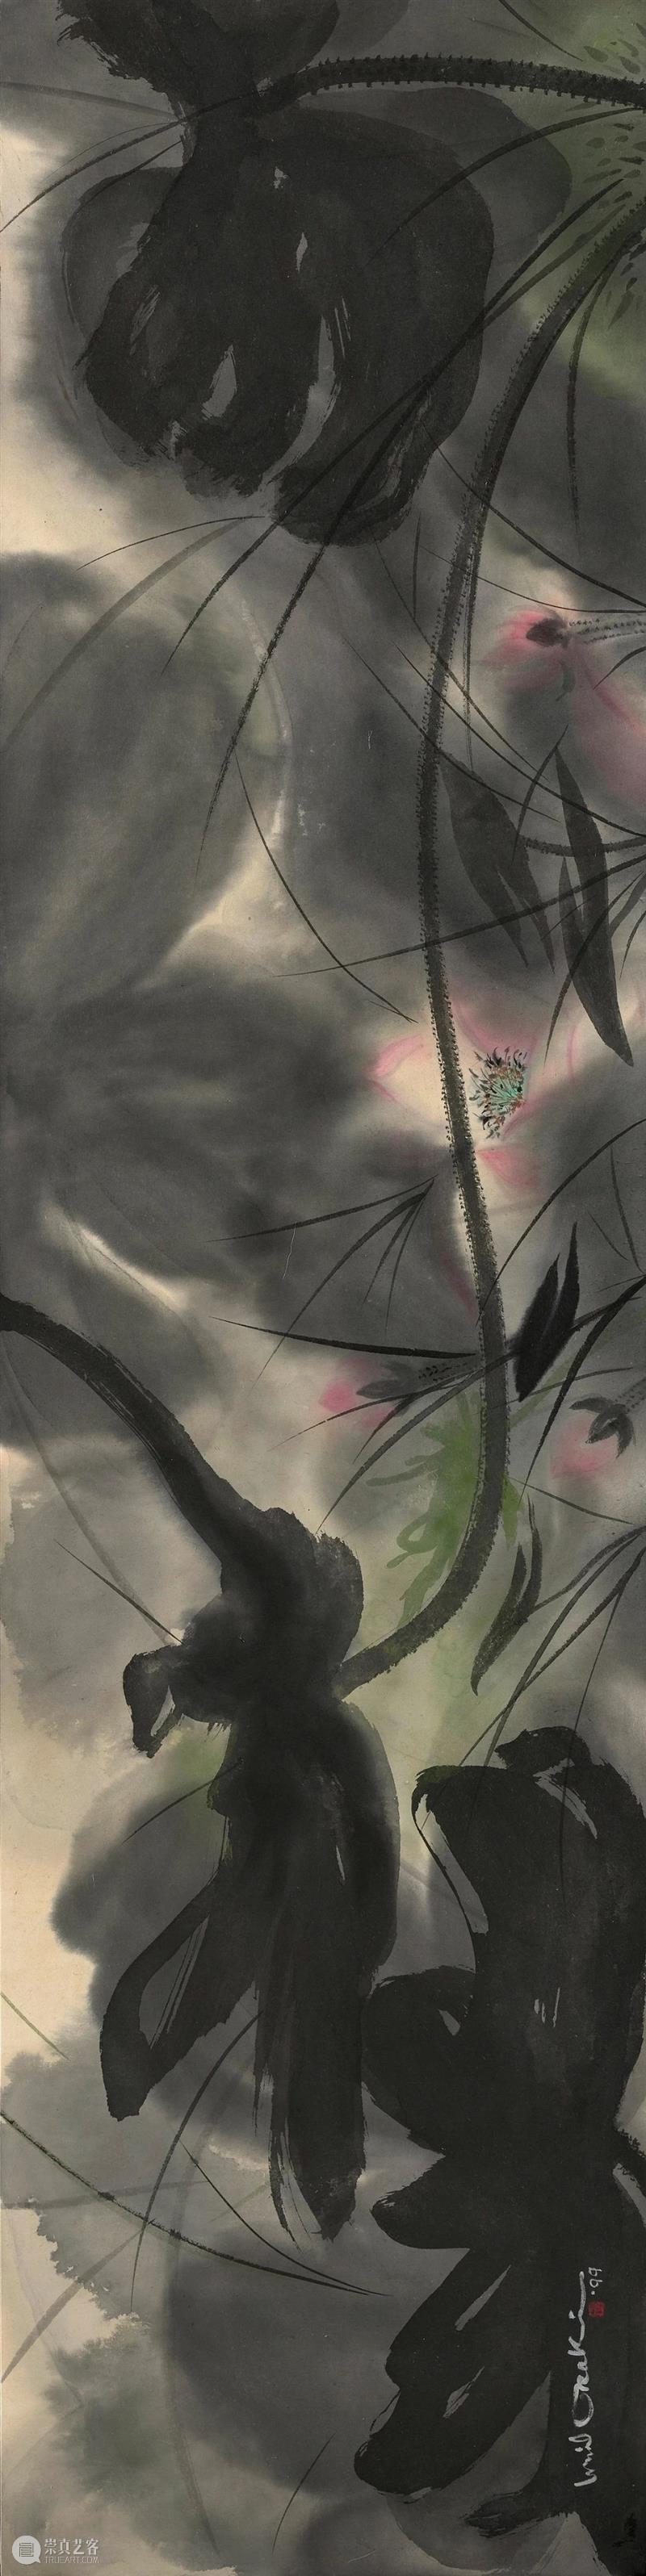 纽约邦瀚斯「日韩艺术——暨摺物版画重要珍藏」重点拍品一览! 纽约 邦瀚斯 日韩 艺术 摺物 版画 拍品 重点 精品 市场 崇真艺客